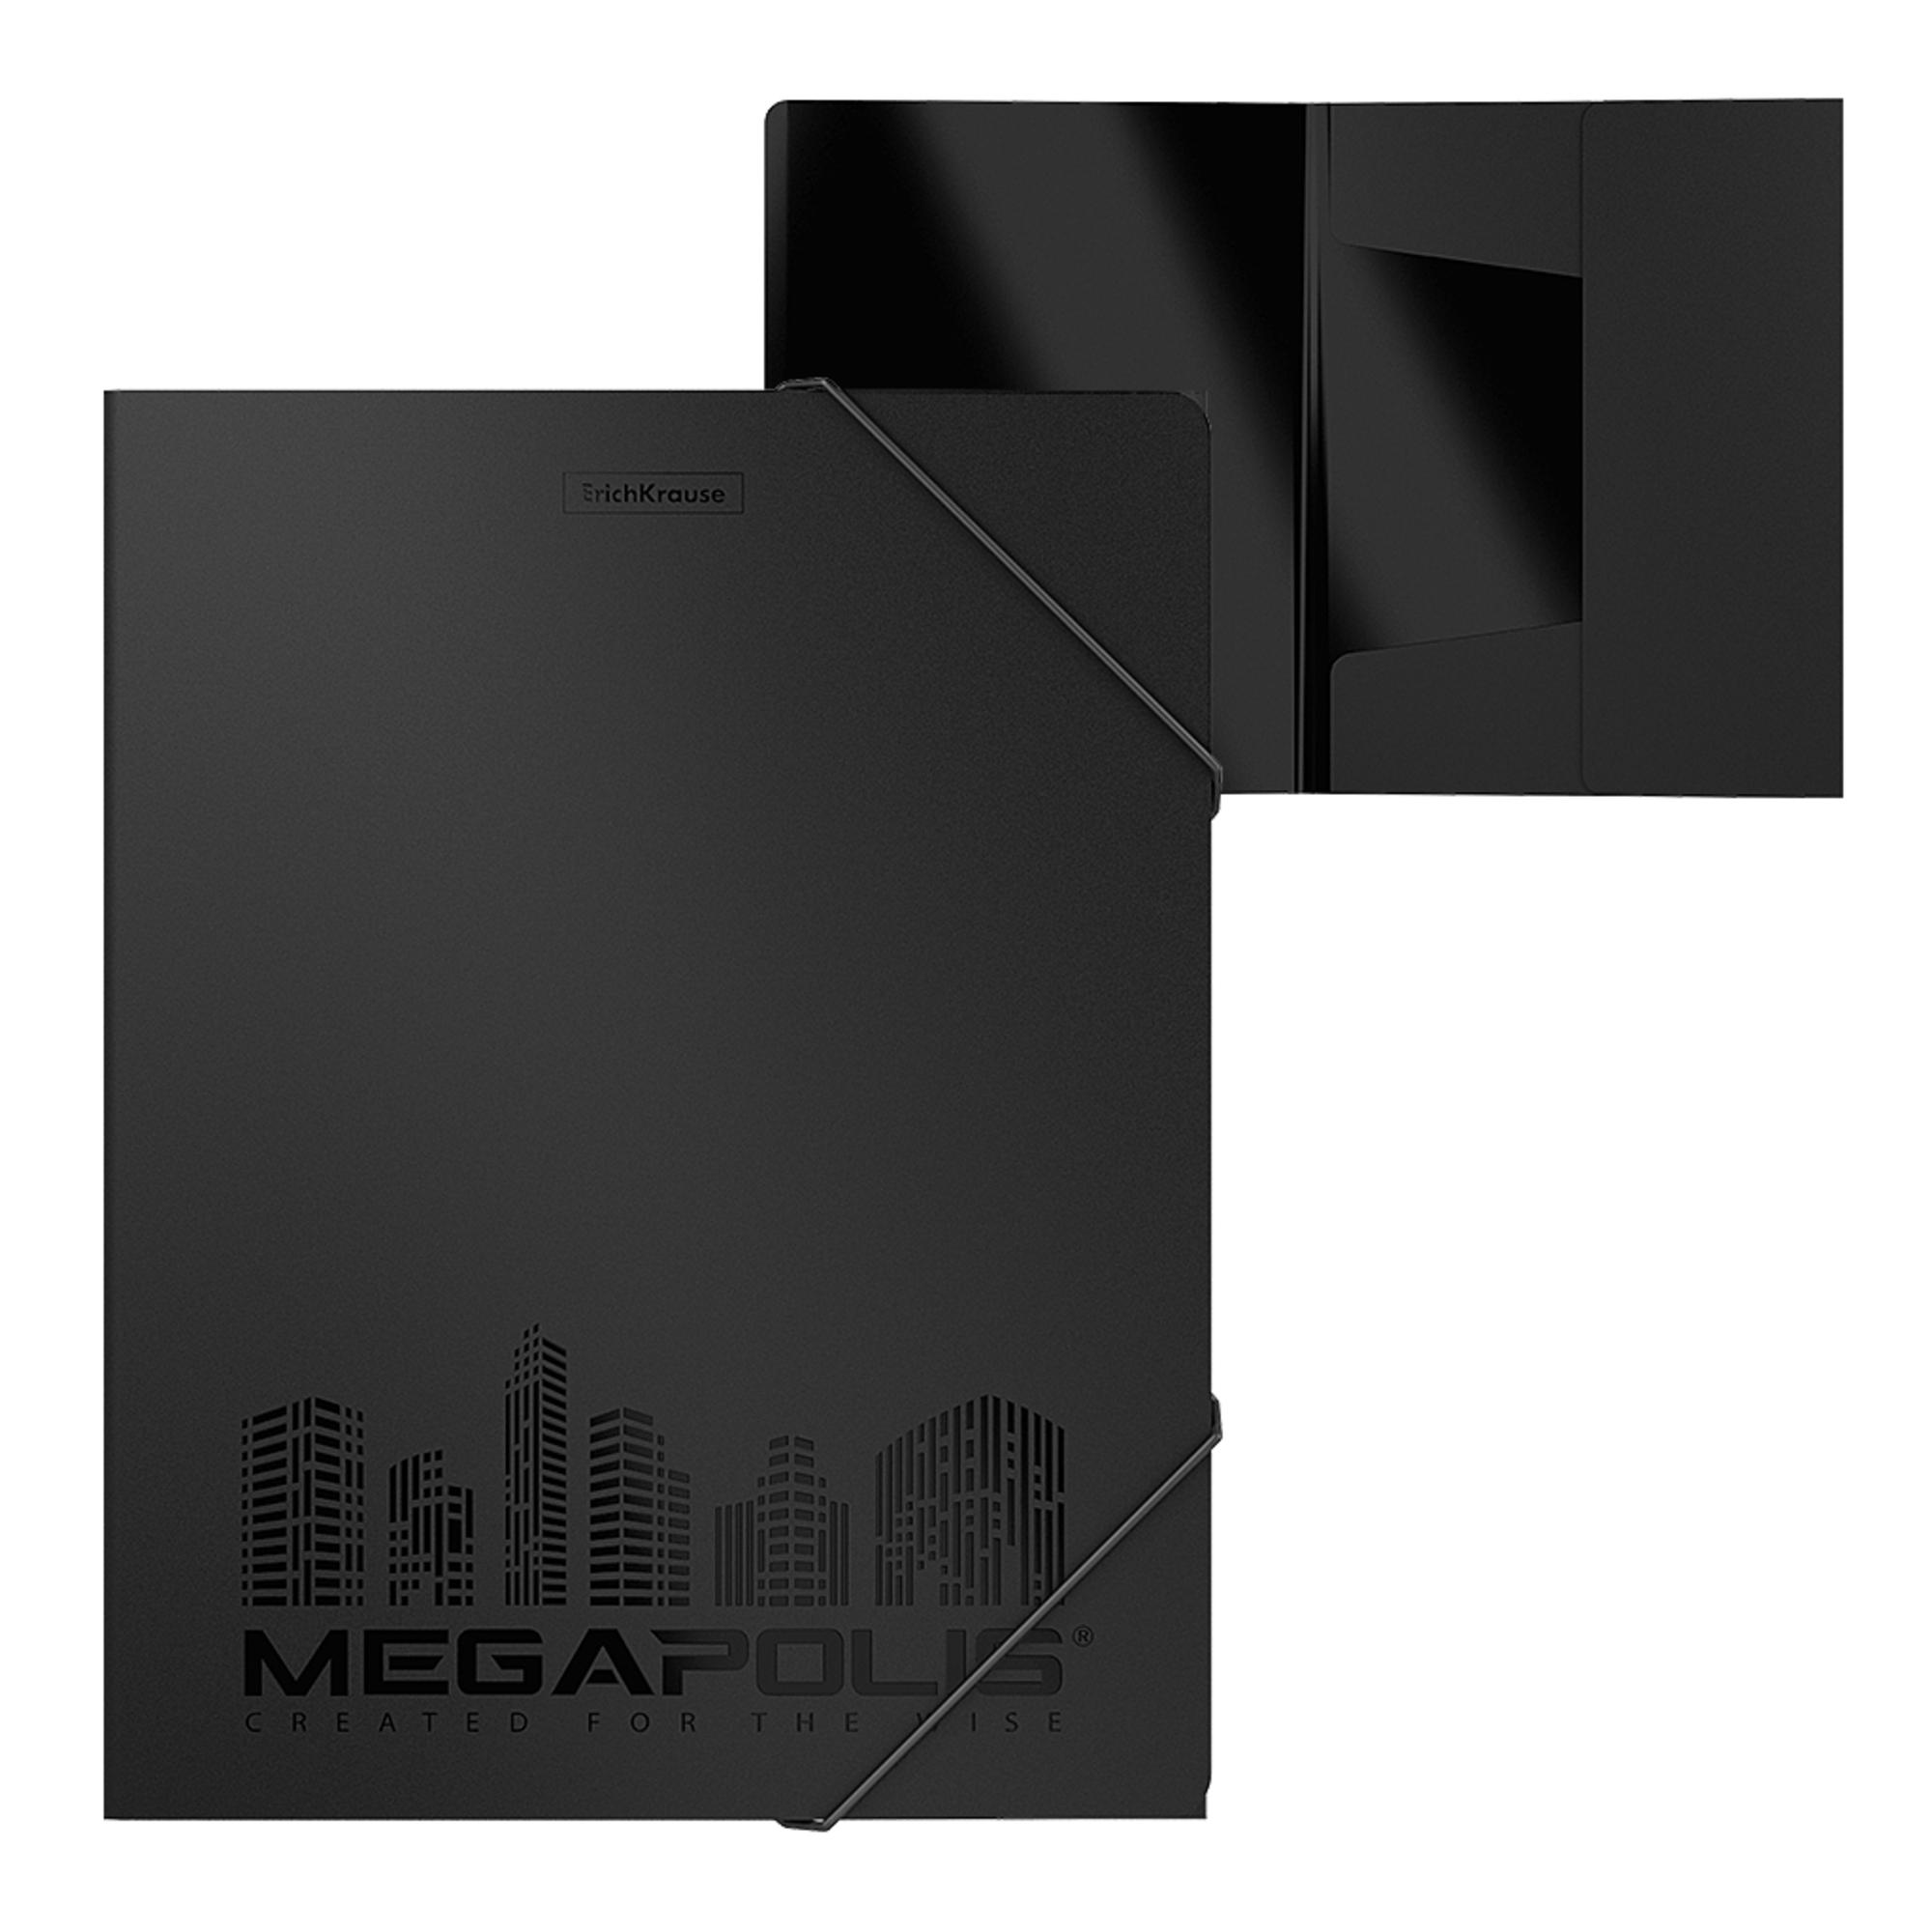 Erich Krause Desky A4 Megapolis, černé